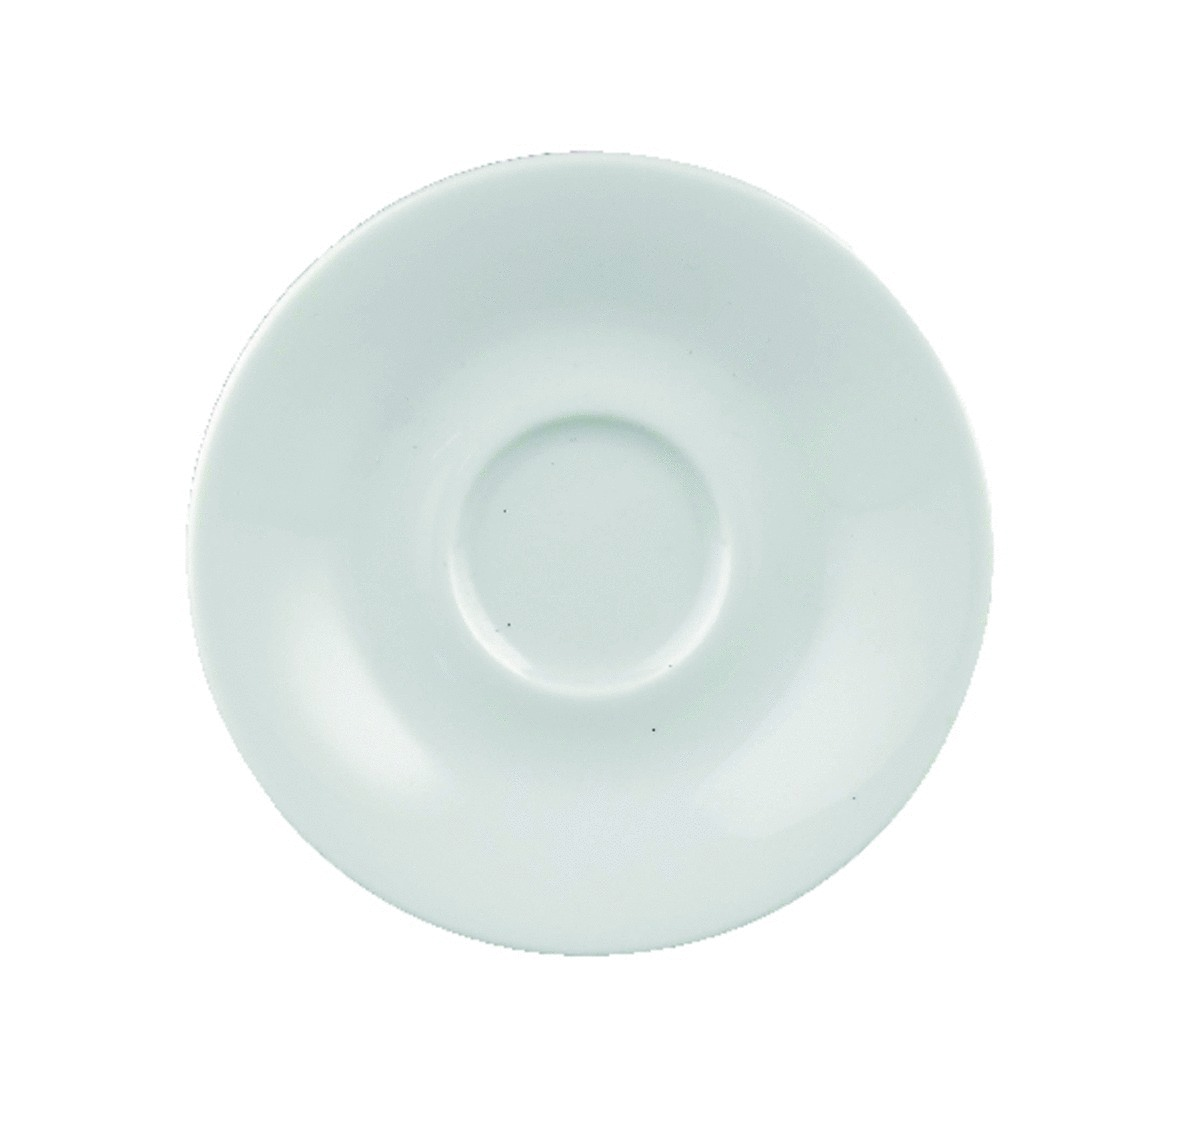 Sous-tasse à expresso ronde blanc porcelaine Ø 12 cm Paula